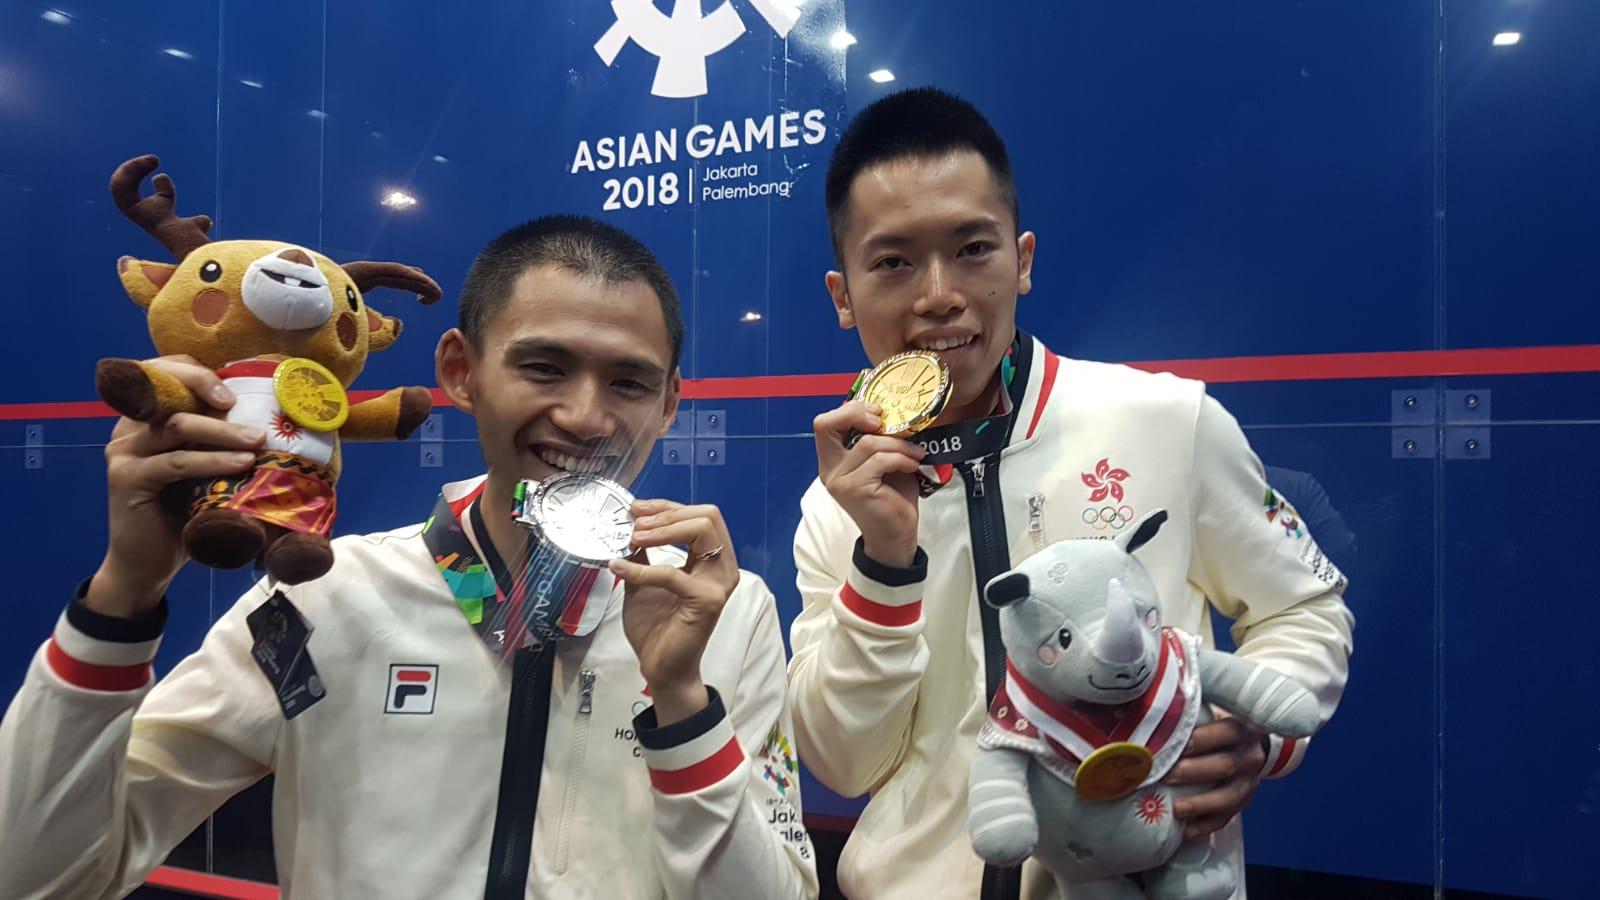 歐鎮銘(右)以局數3:1,擊敗李浩賢(左)奪金,是港隊歷史性包攬壁球男單金銀牌。香港壁球總會提供